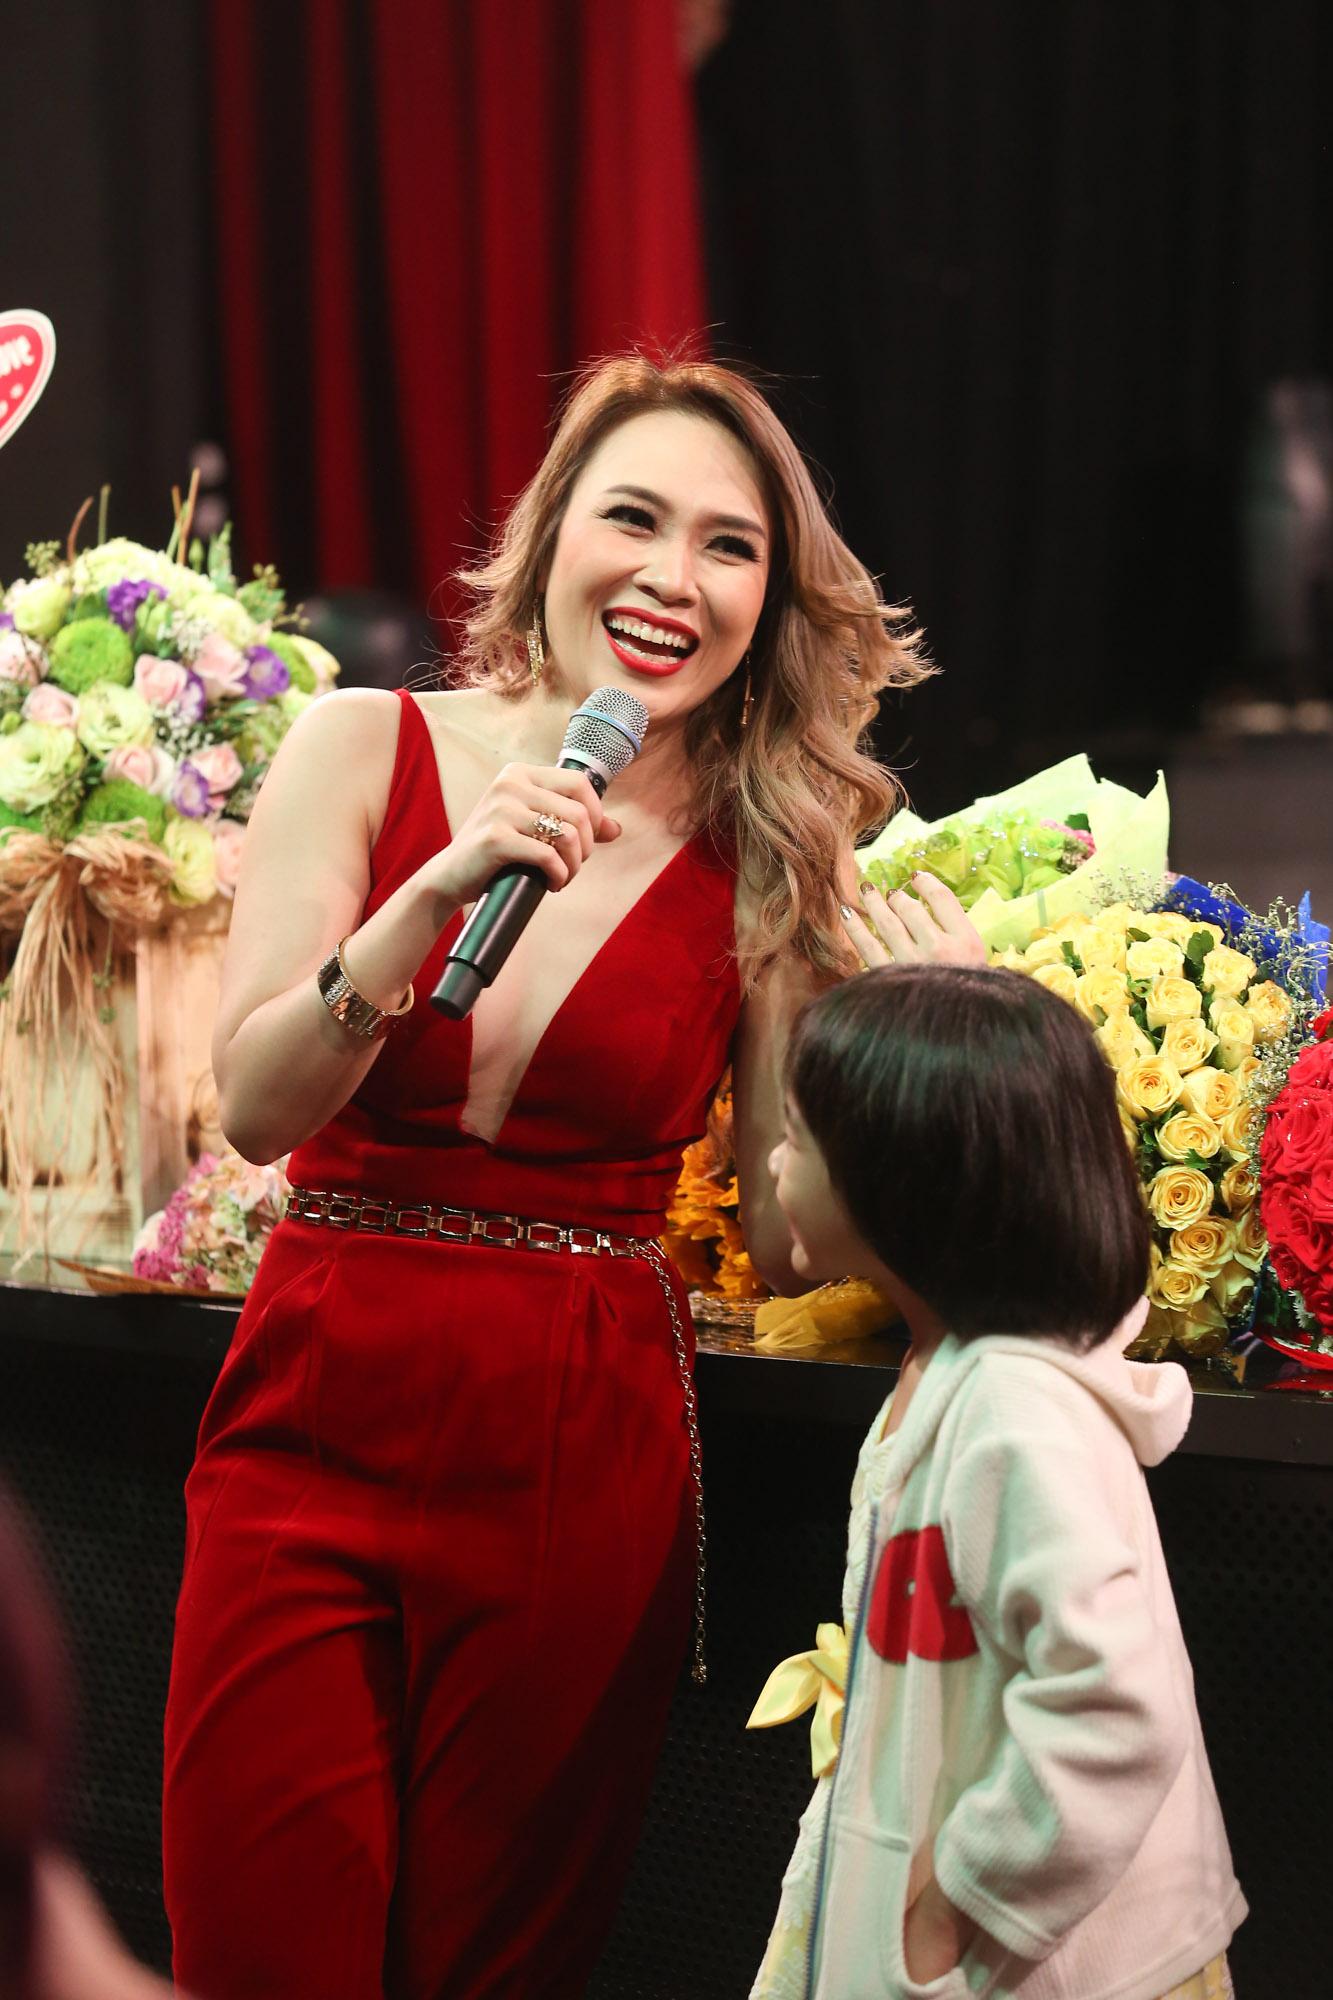 Mỹ Tâm liveshow Ô cửa màu xanh - elle vietnam